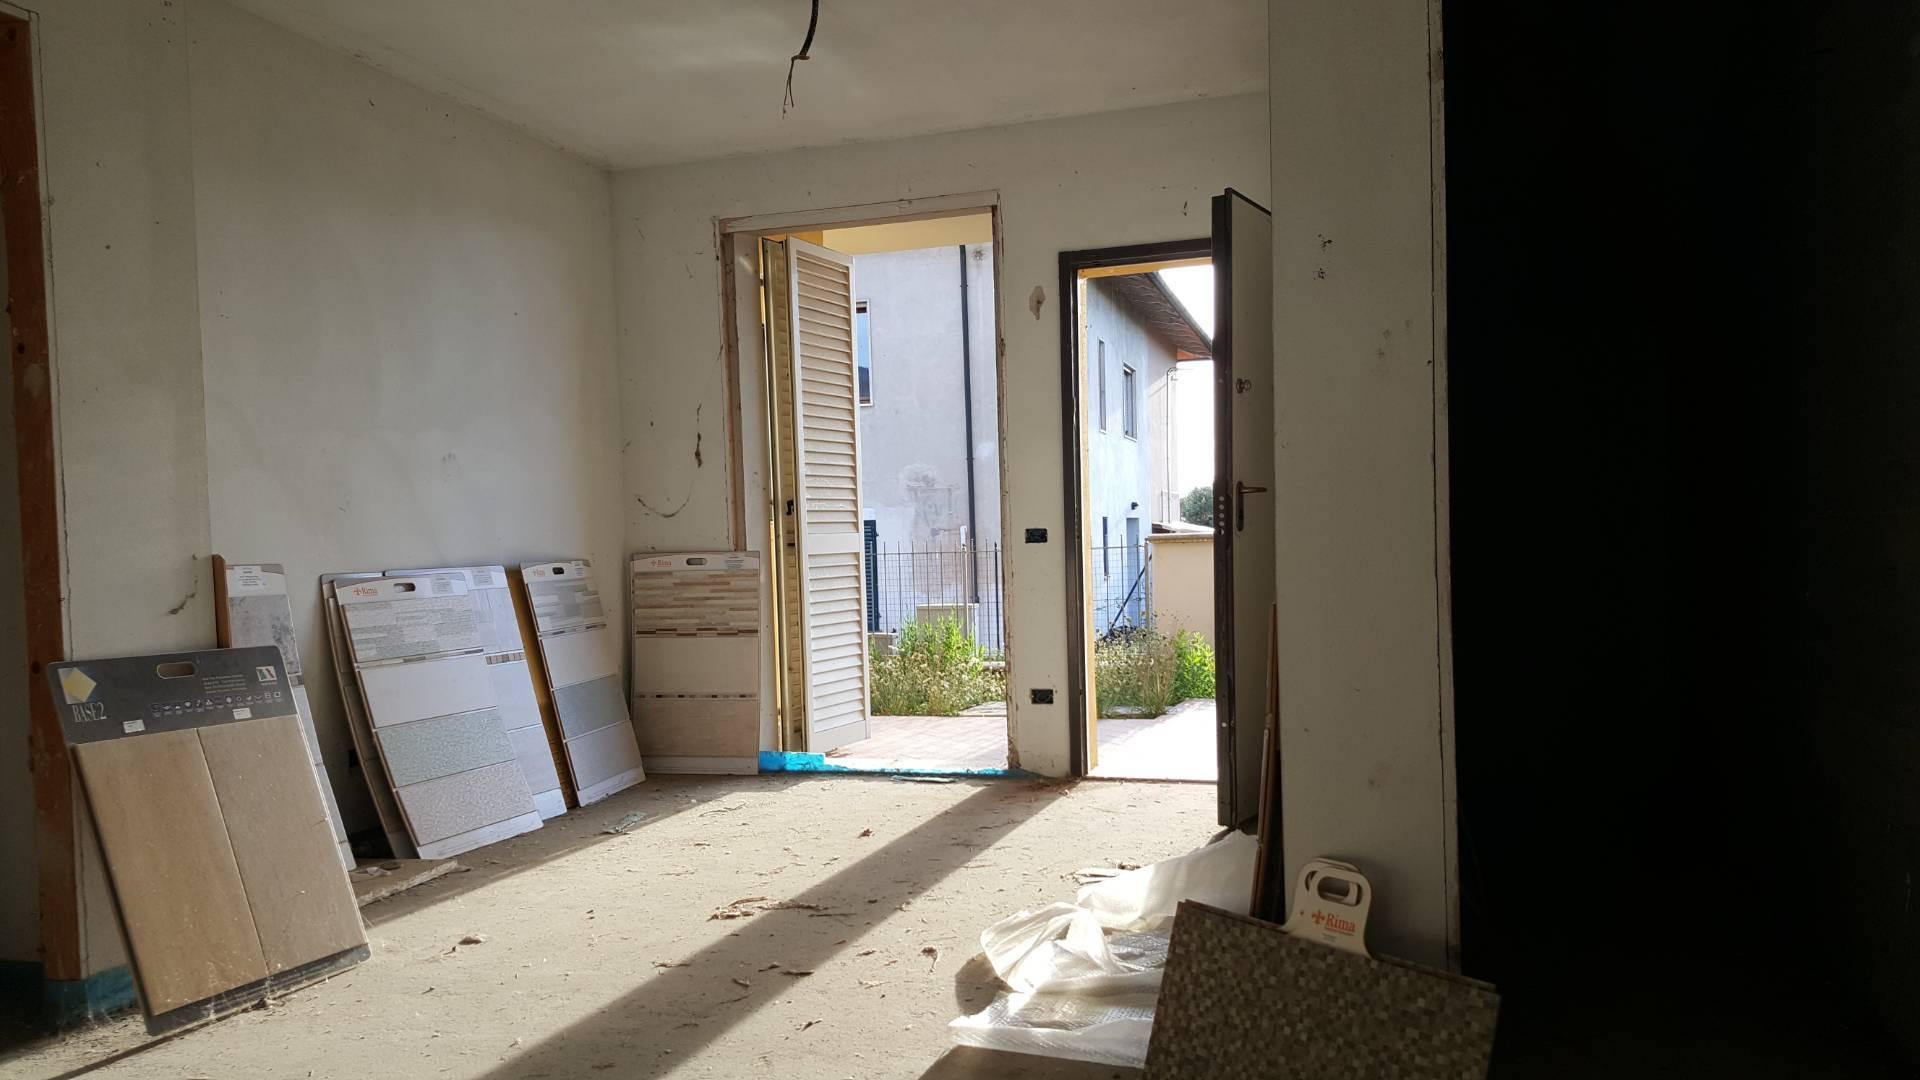 Appartamento in vendita a Santa Maria a Monte, 3 locali, prezzo € 155.000 | CambioCasa.it